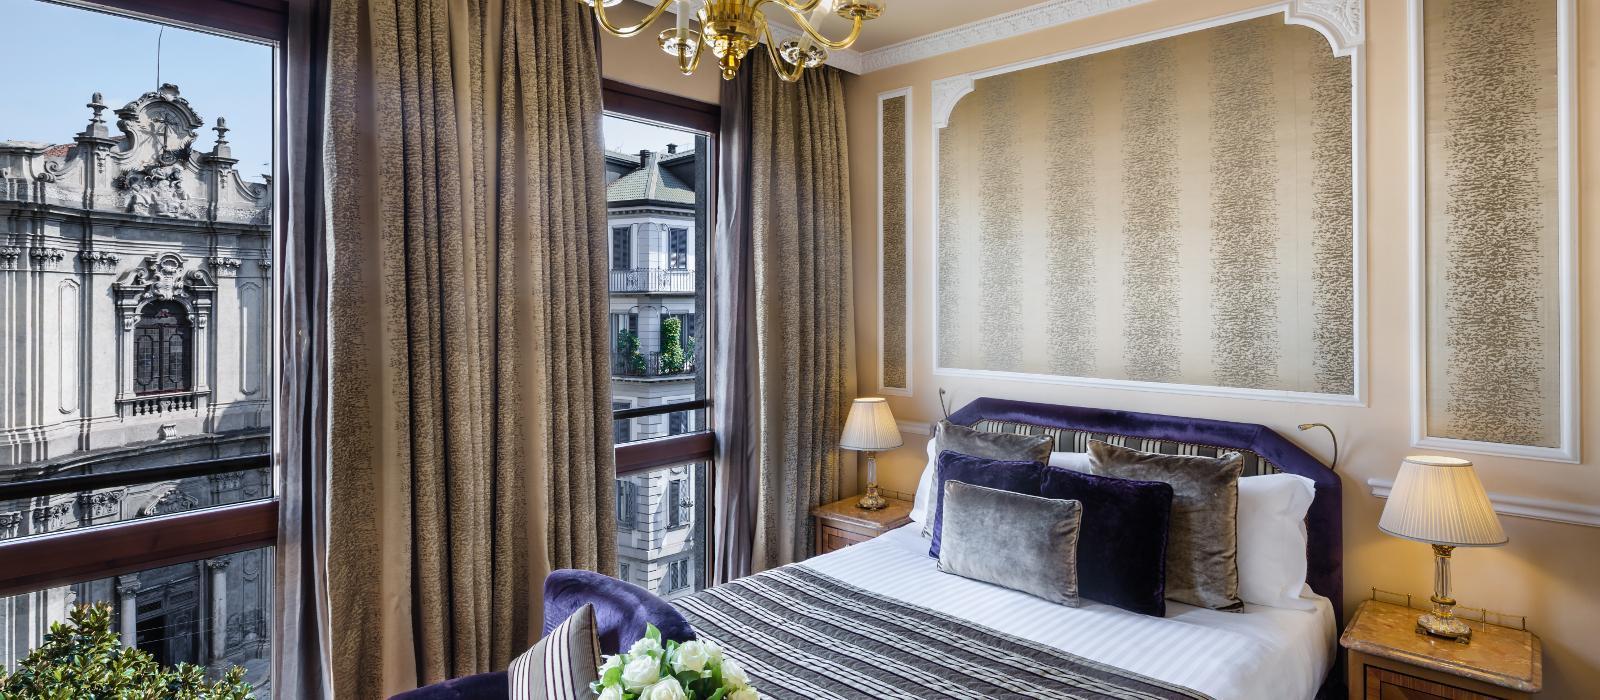 卡尔顿巴廖尼酒店(Baglioni Hotel Carlton)【 米兰,意大利】 酒店  www.lhw.cn